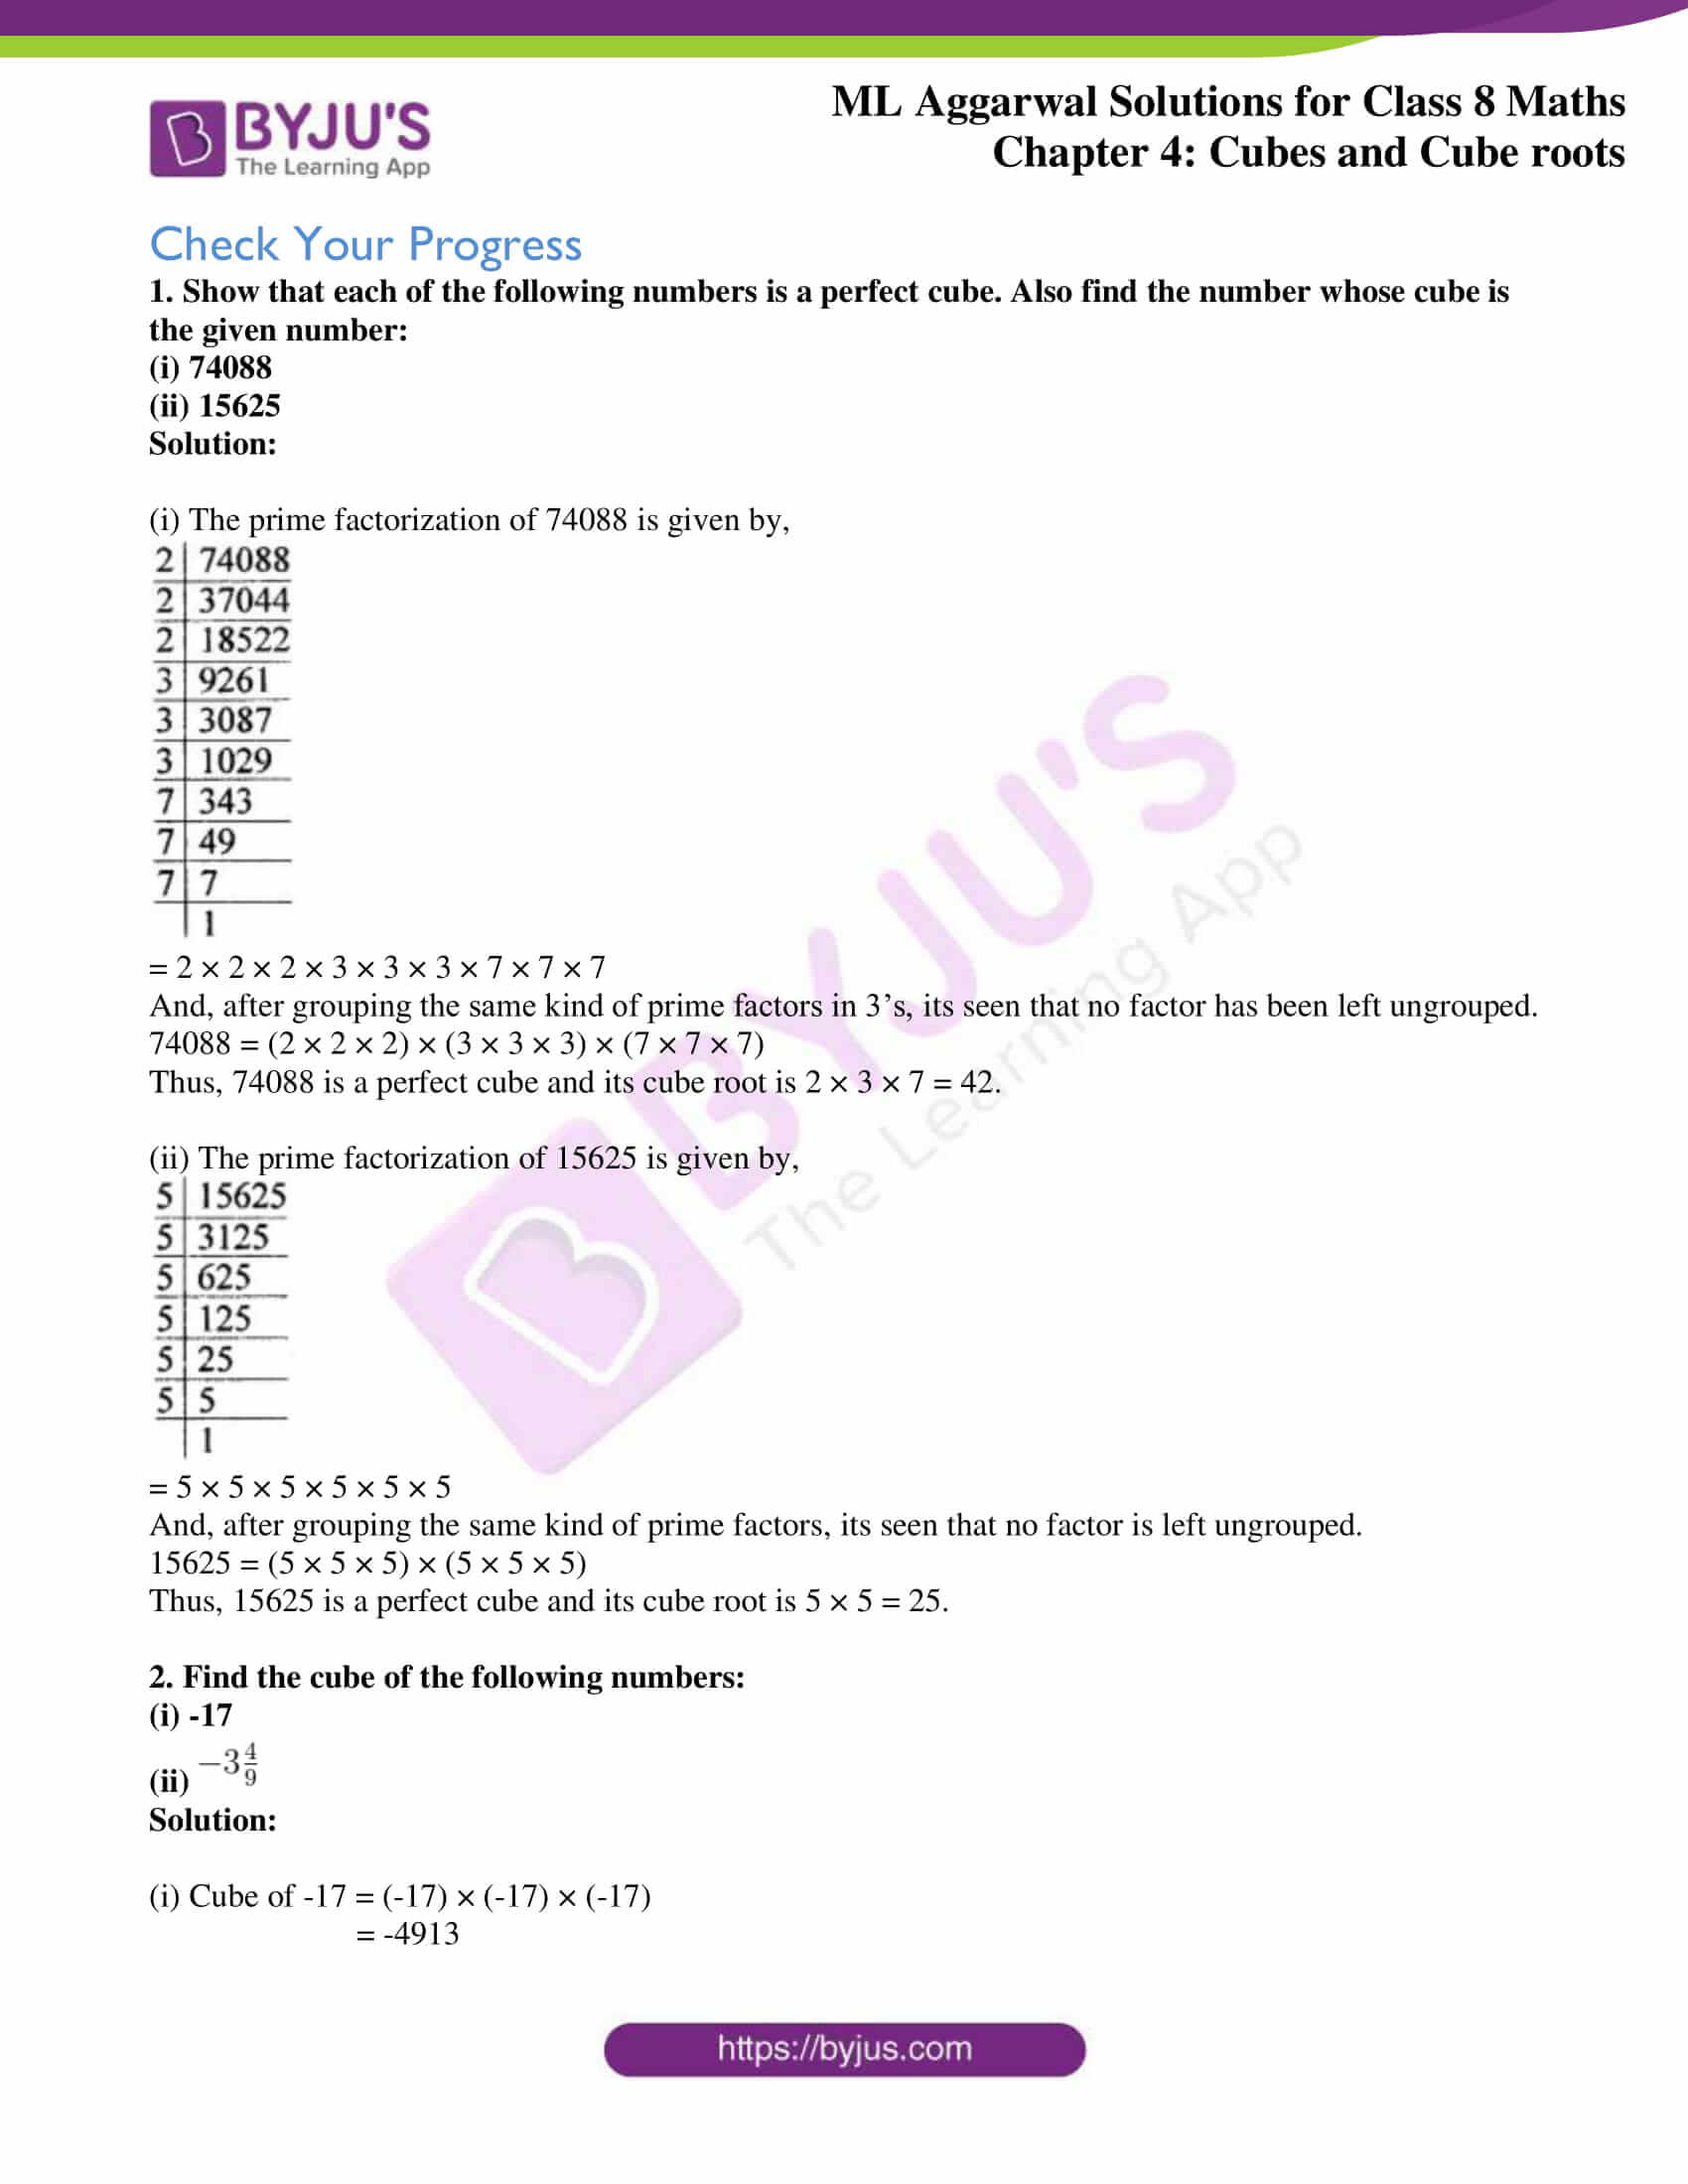 ml aggarwal sol mathematics class 8 ch 4 23